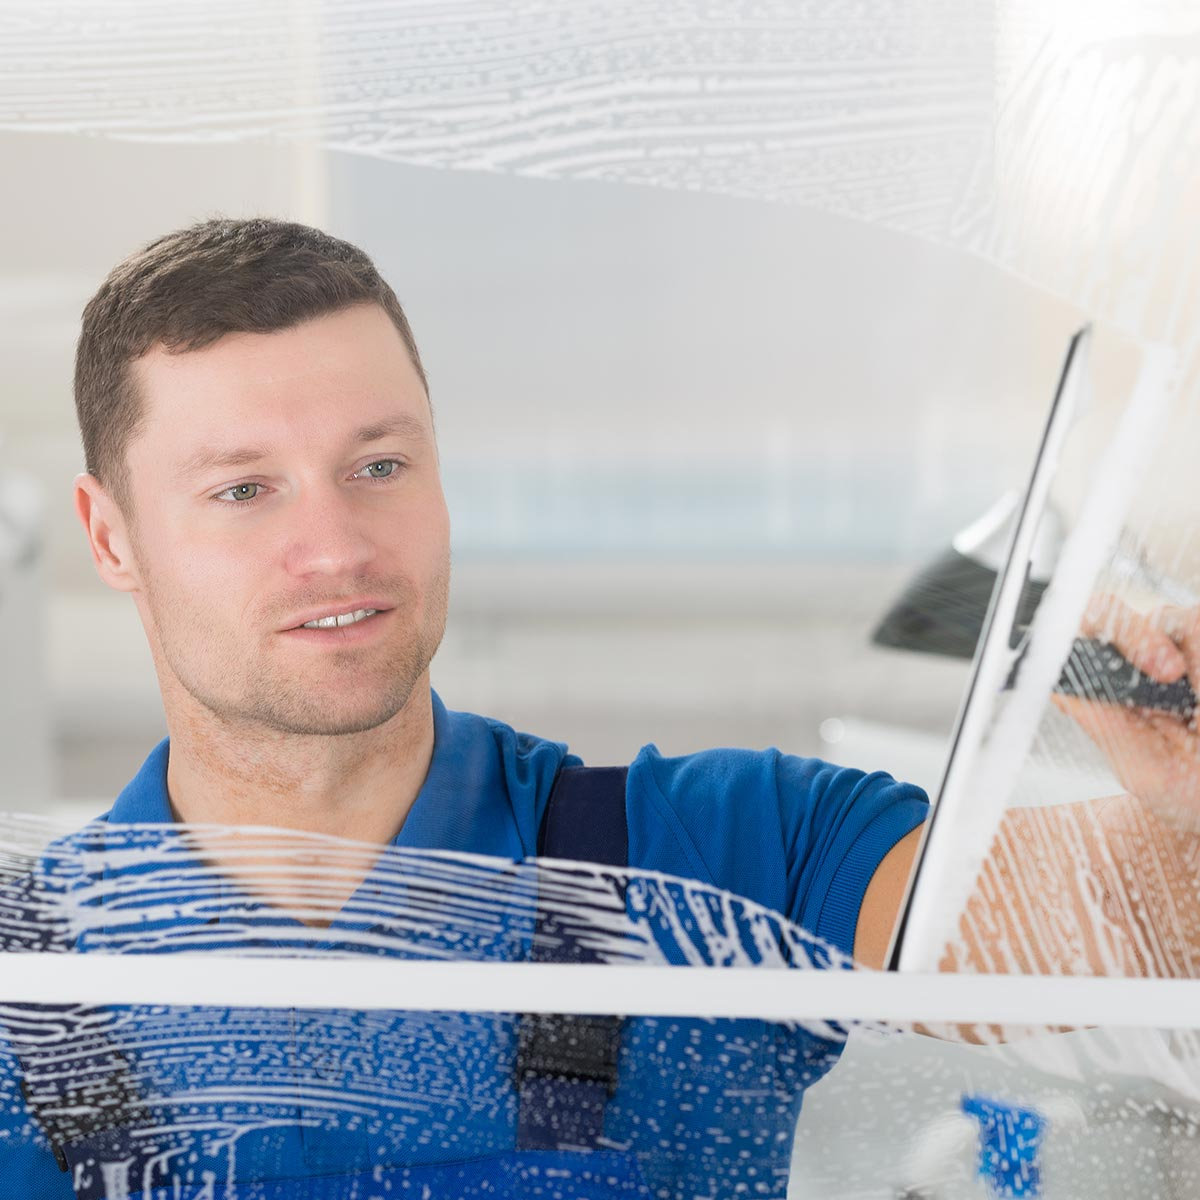 Fensterreinigung und Glasreinigung durch den zuverlässigen ingolstädter Fensterputzer.